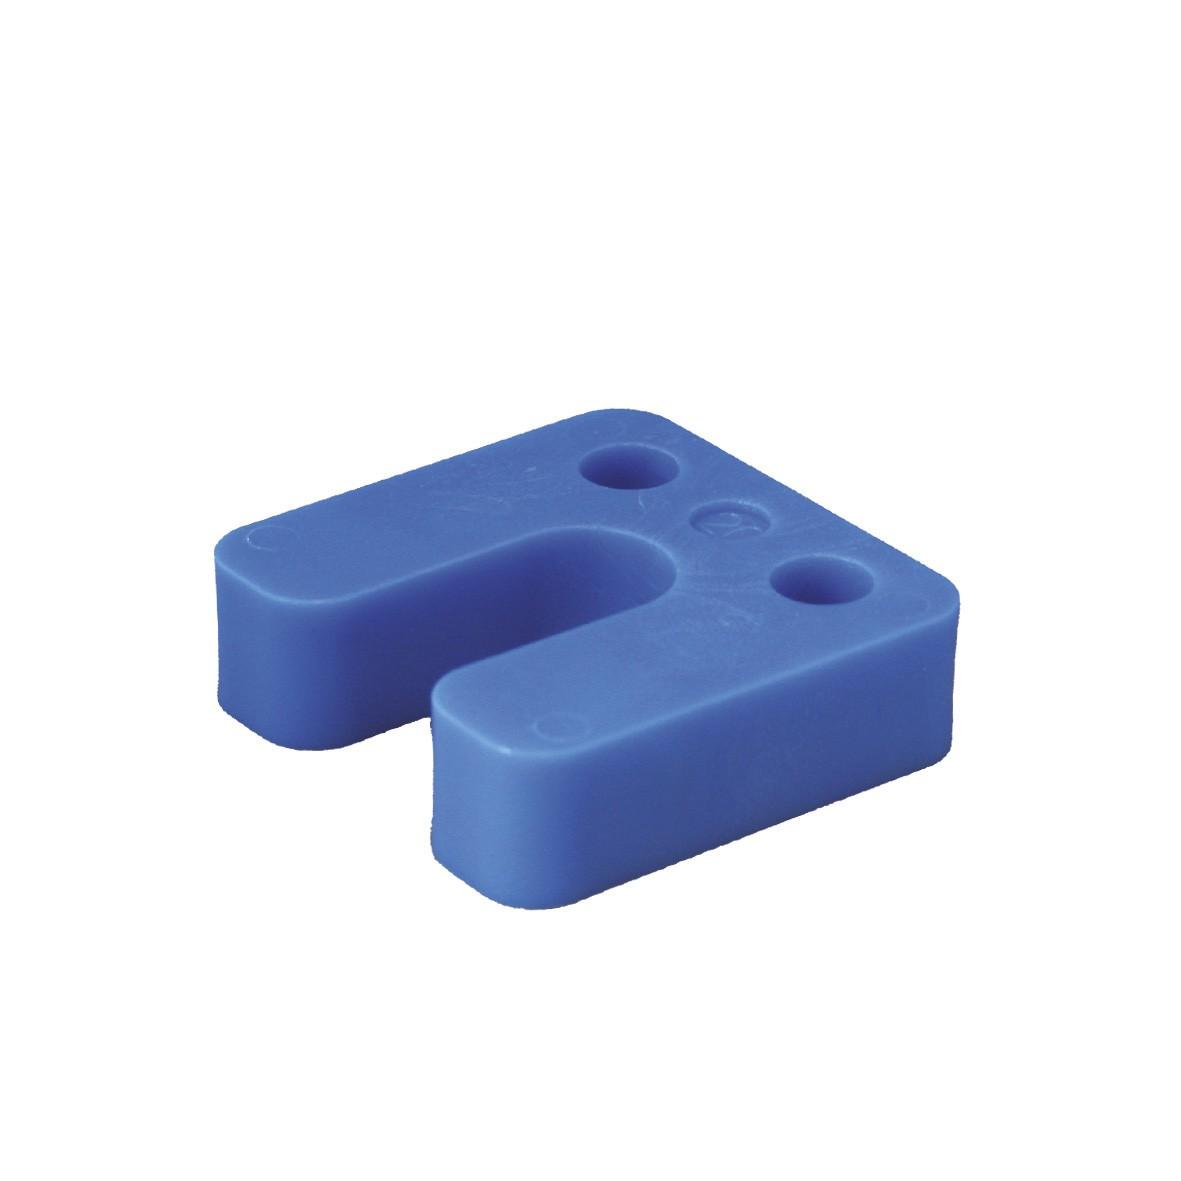 Plaques de pression avec rainure bleu 20 70x70 KS